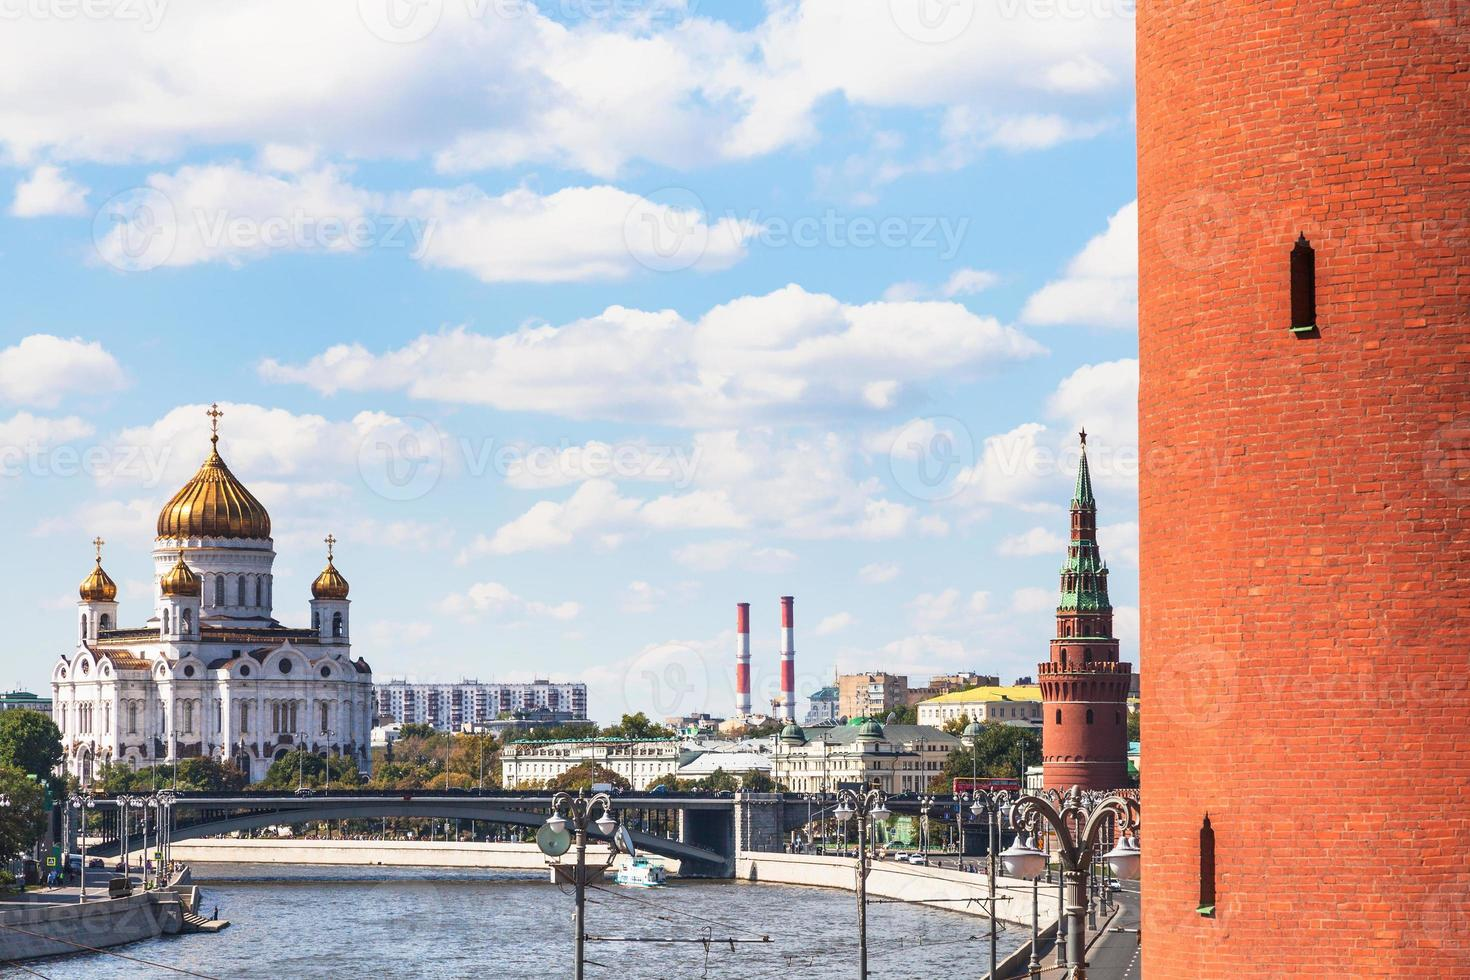 cathédrale du christ sauveur et tours du kremlin photo